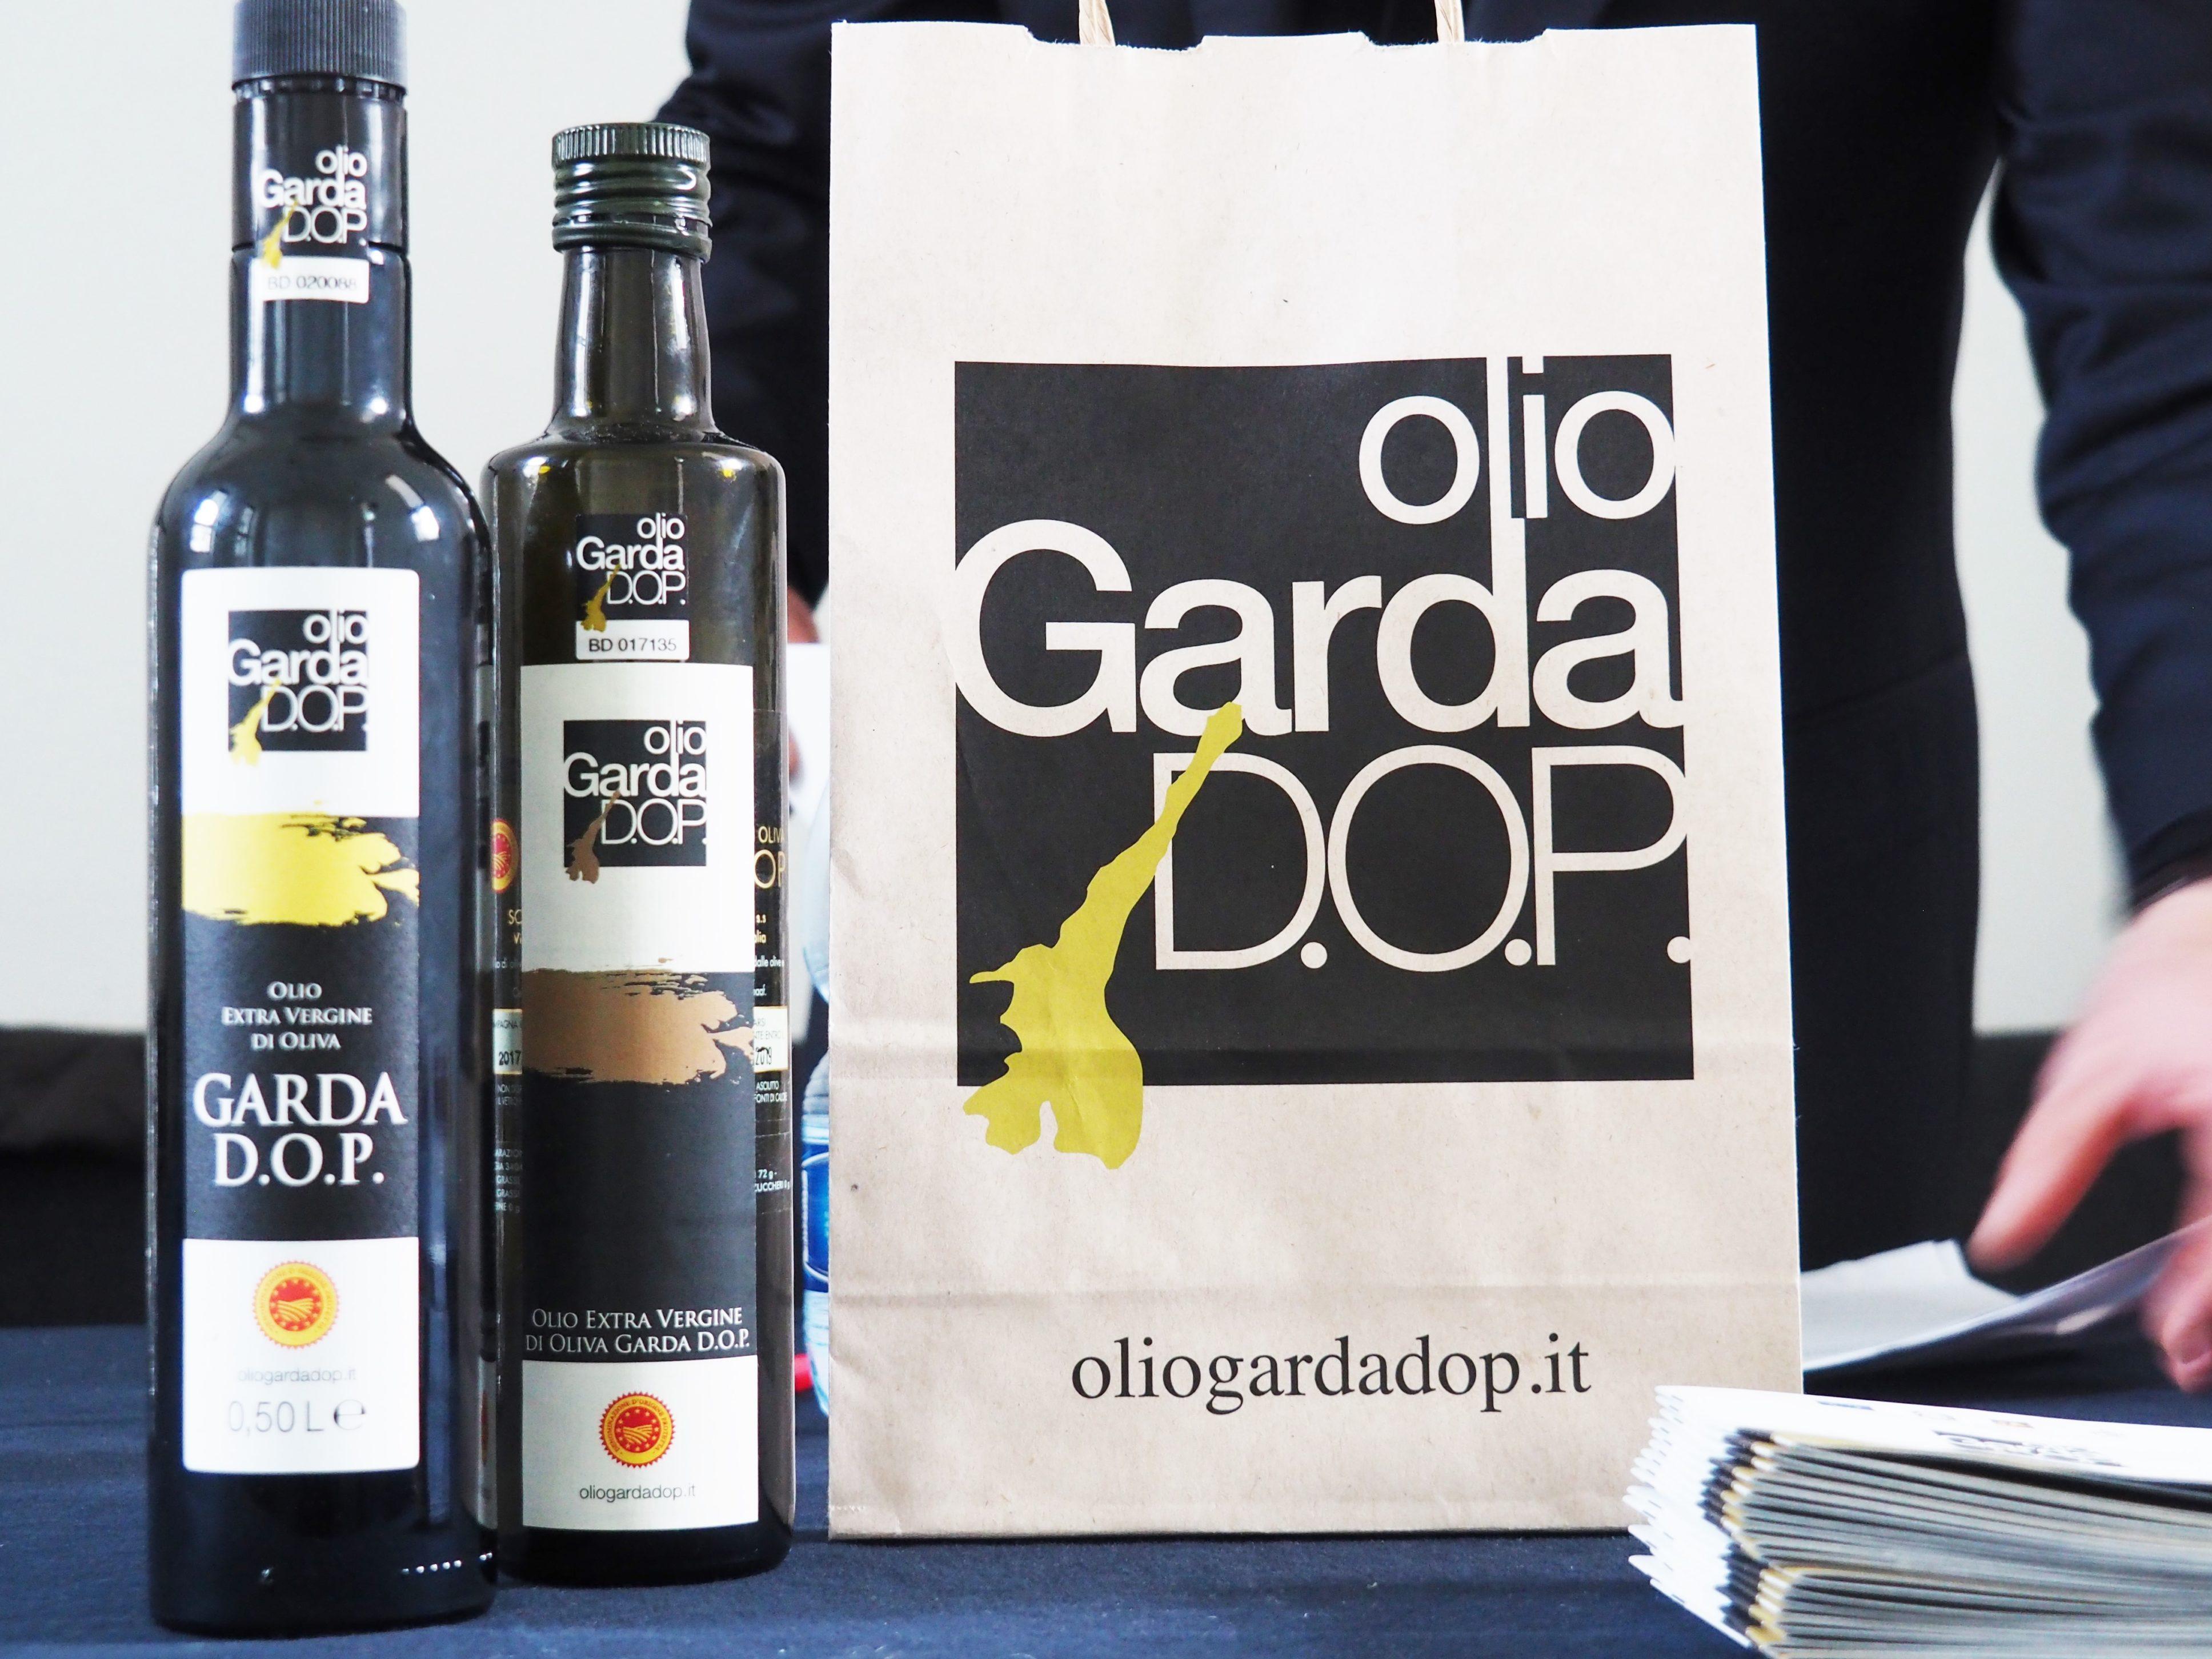 THAT'S GARDA: DEGUSTAZIONI PER CONOSCERE L'OLIO GARDA DOP